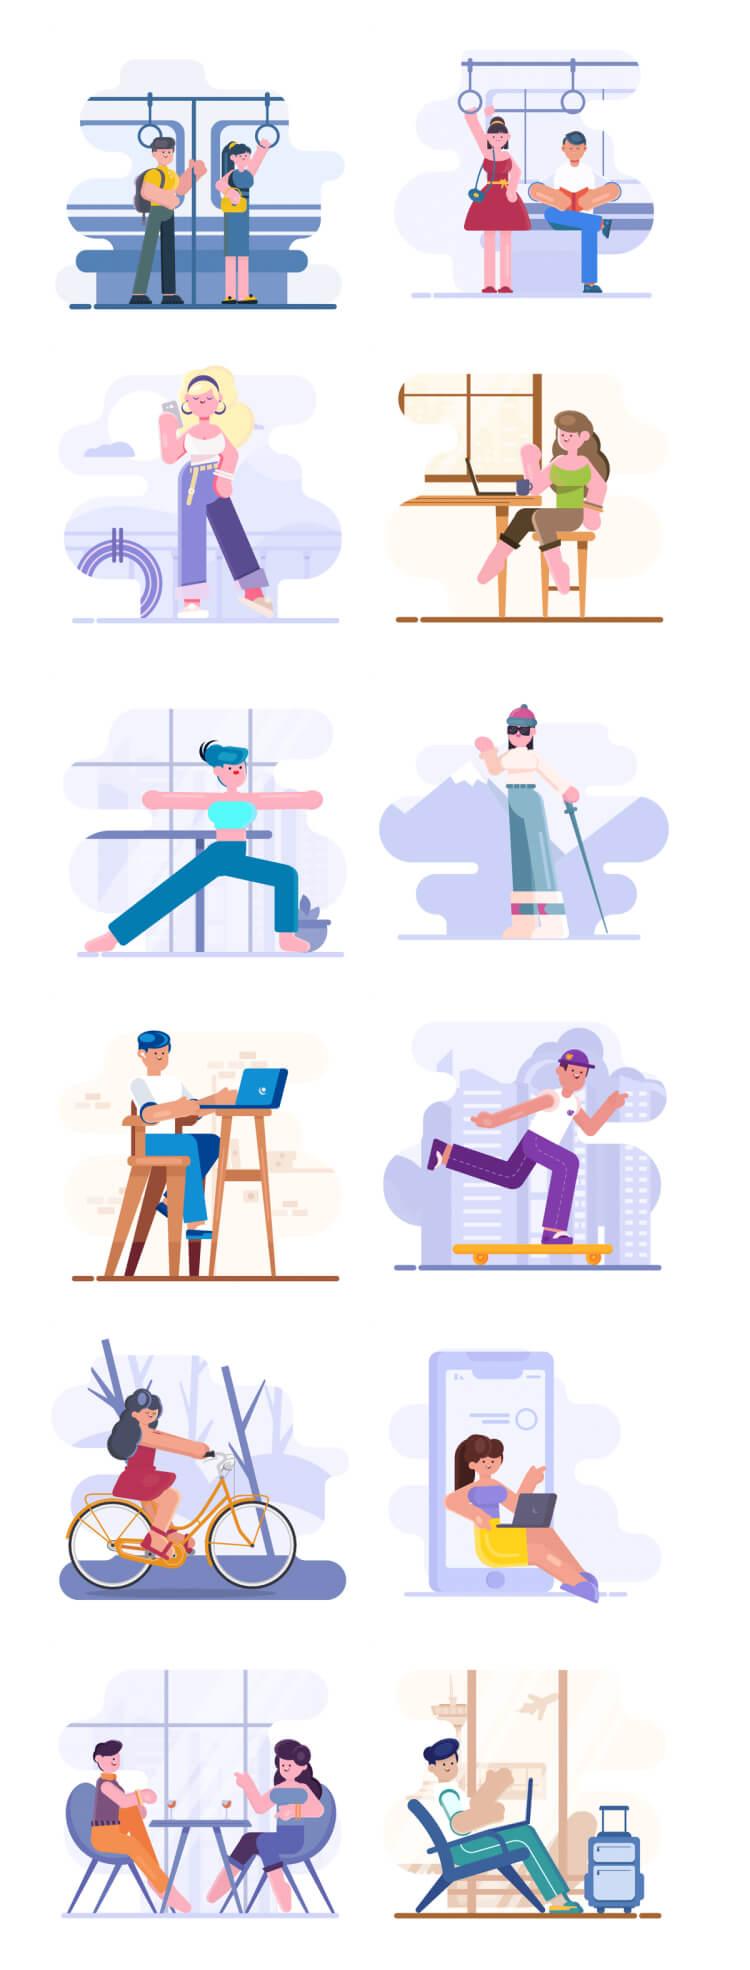 loomis illustrations 2 - UI Freebies